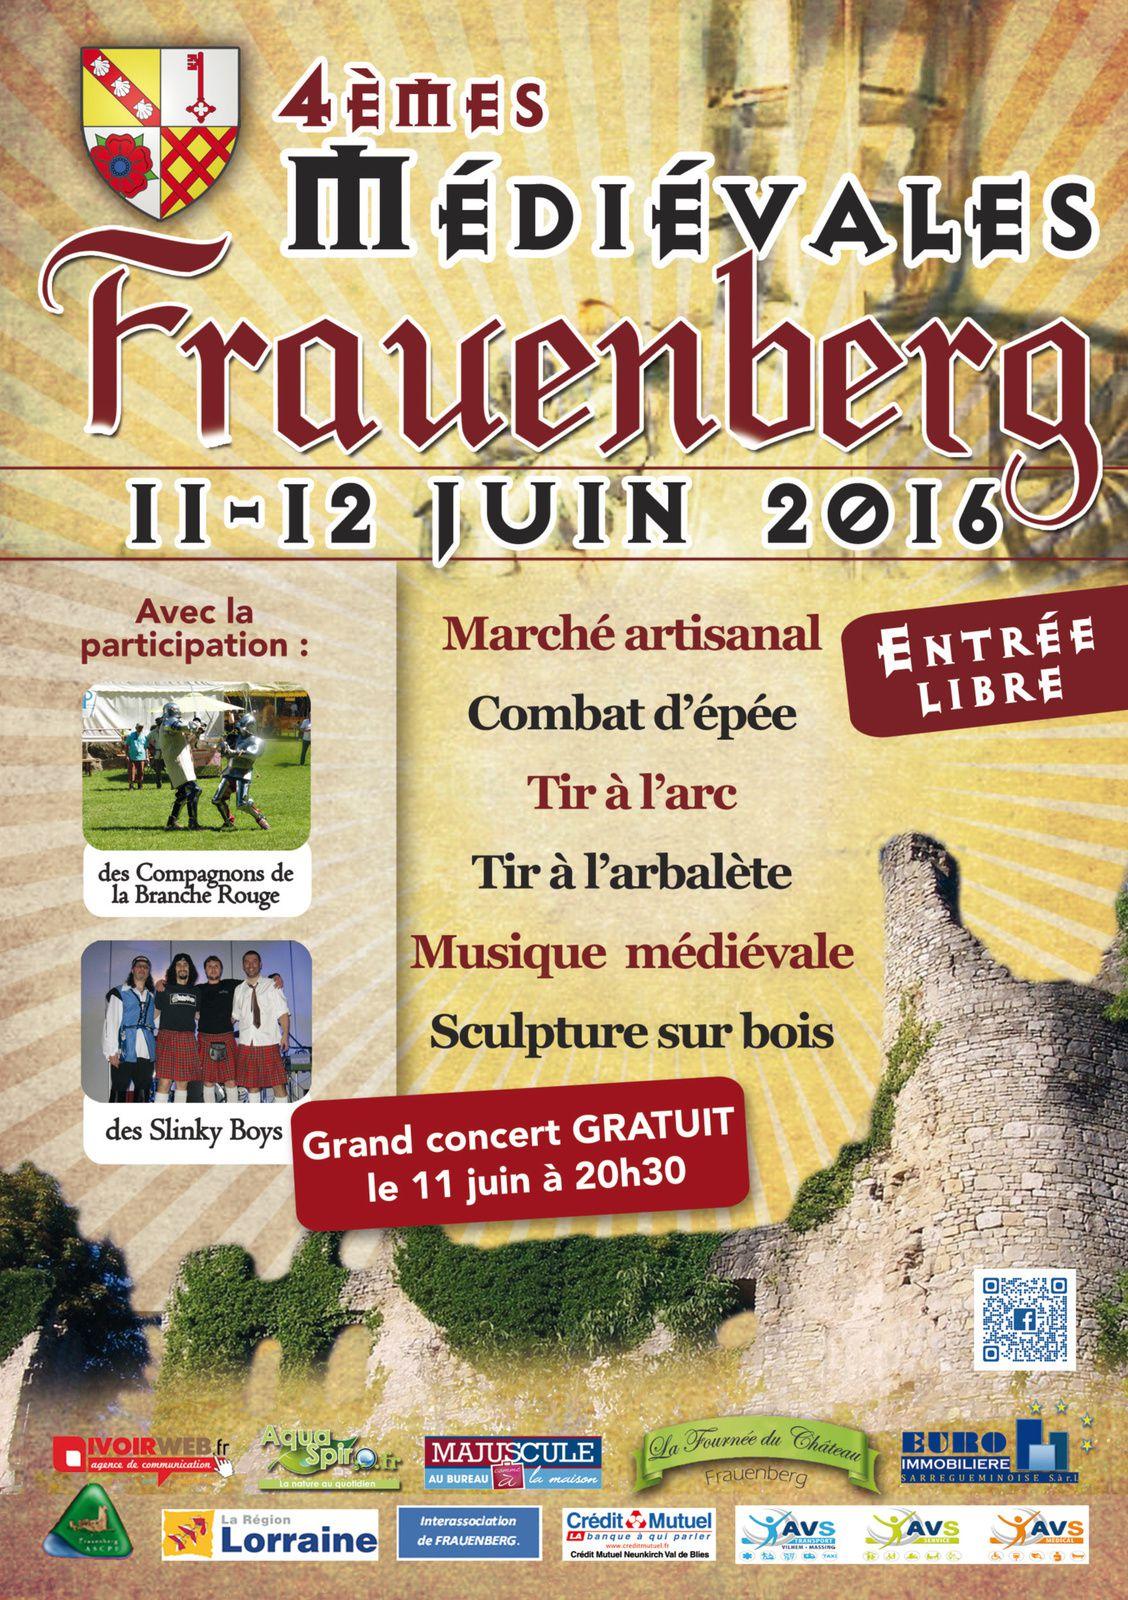 11 et 12 juin 2016 4èmes médiévales de Frauenberg